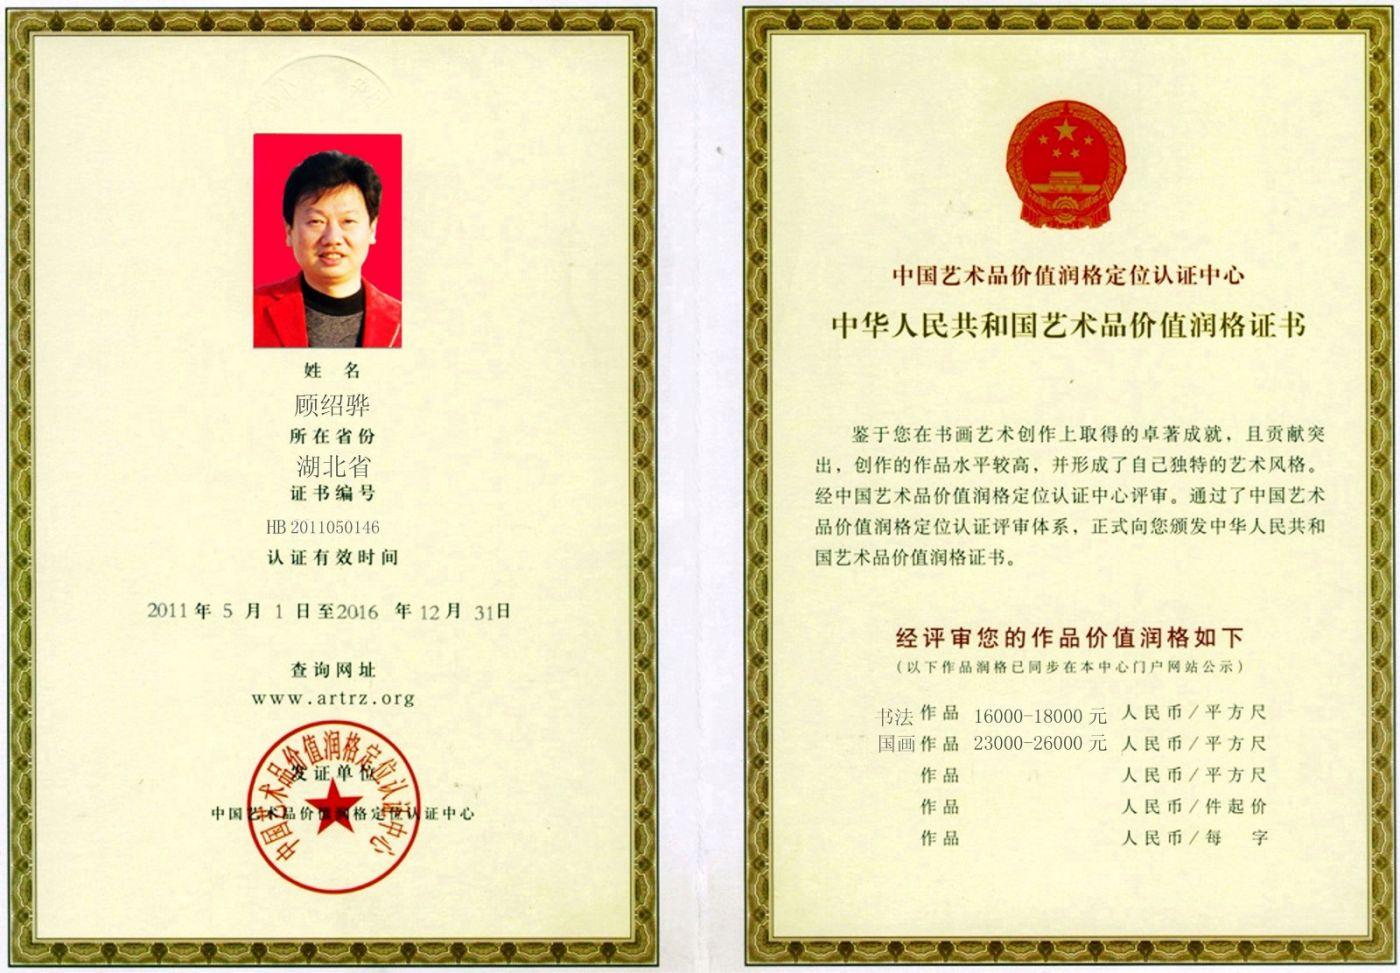 """谢谢您支持-""""中国画的诗情画意""""的第一人_图1-4"""